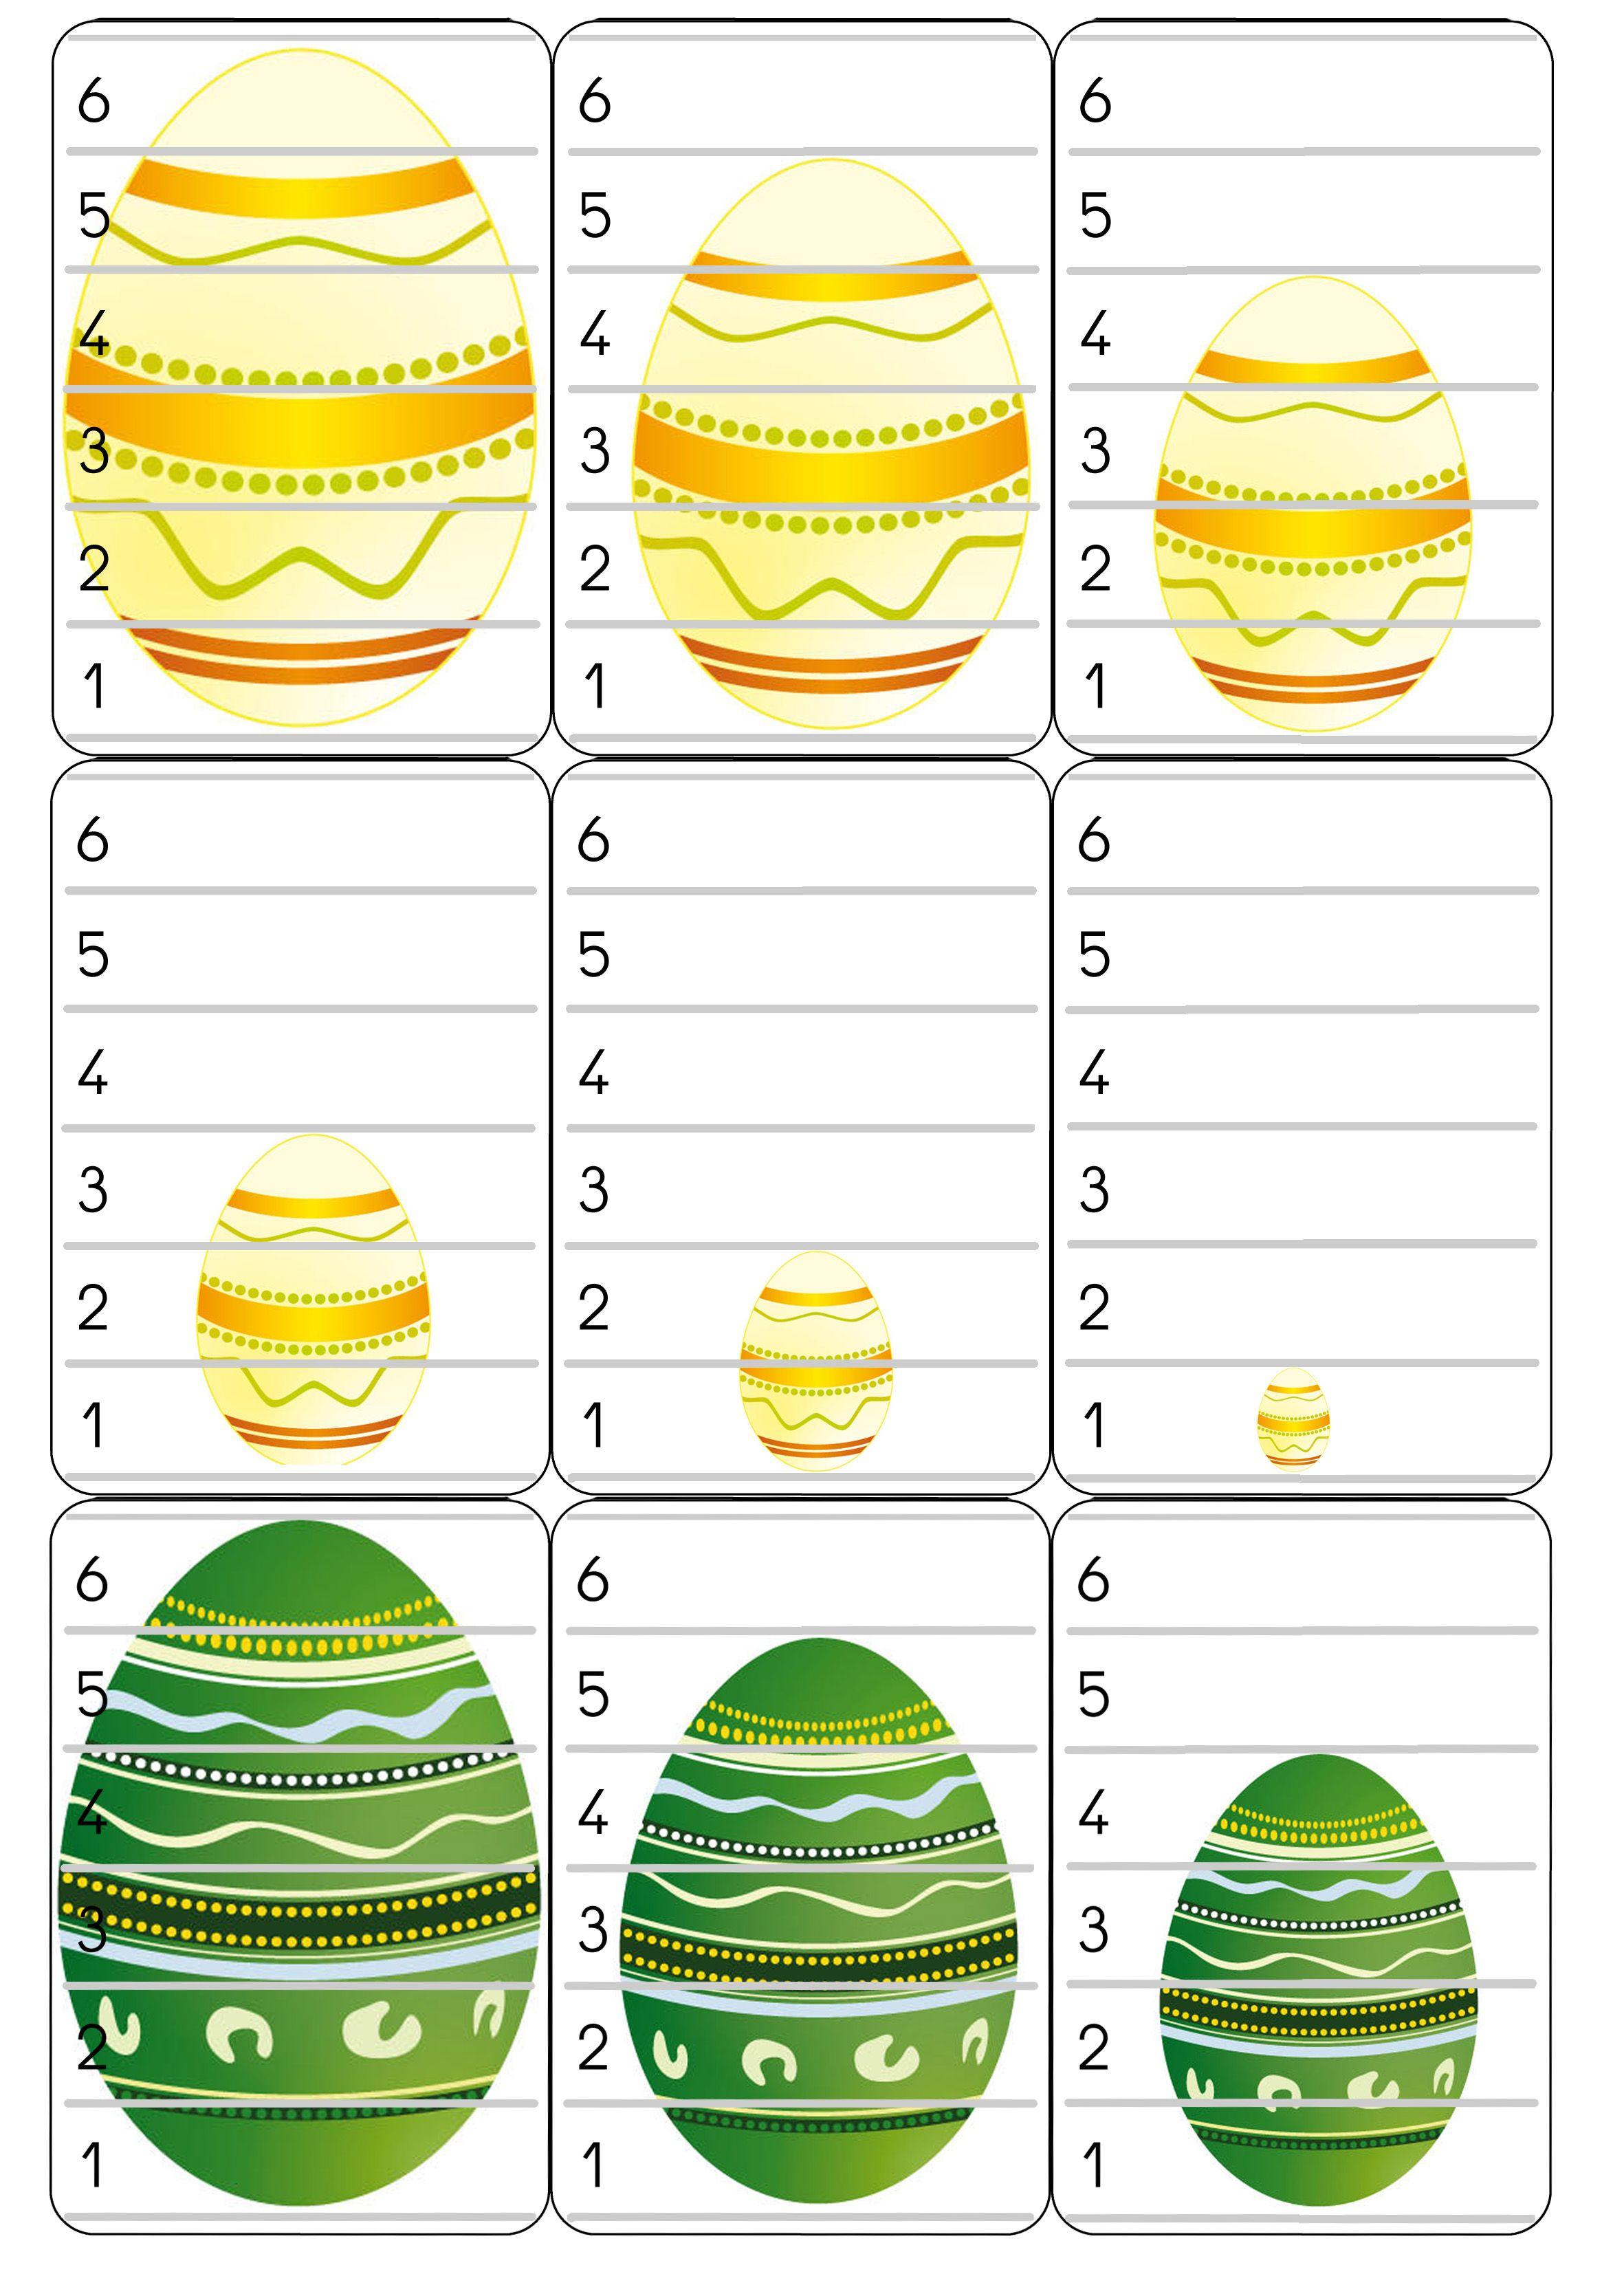 Bataille d 39 oeufs jeux de cartes pinterest maternelle paques activit p ques maternelle et - Oeufs paques maternelle ...